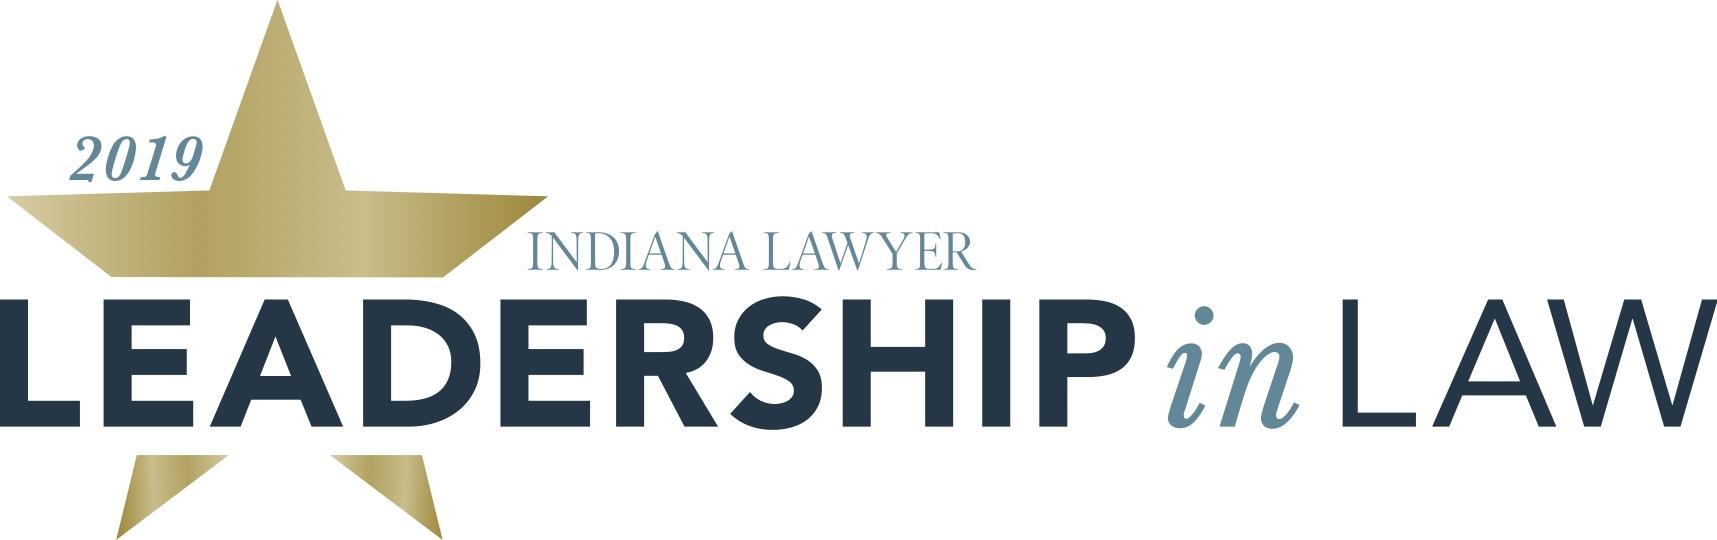 2019Indianalawyerleadershipinlaw Logo